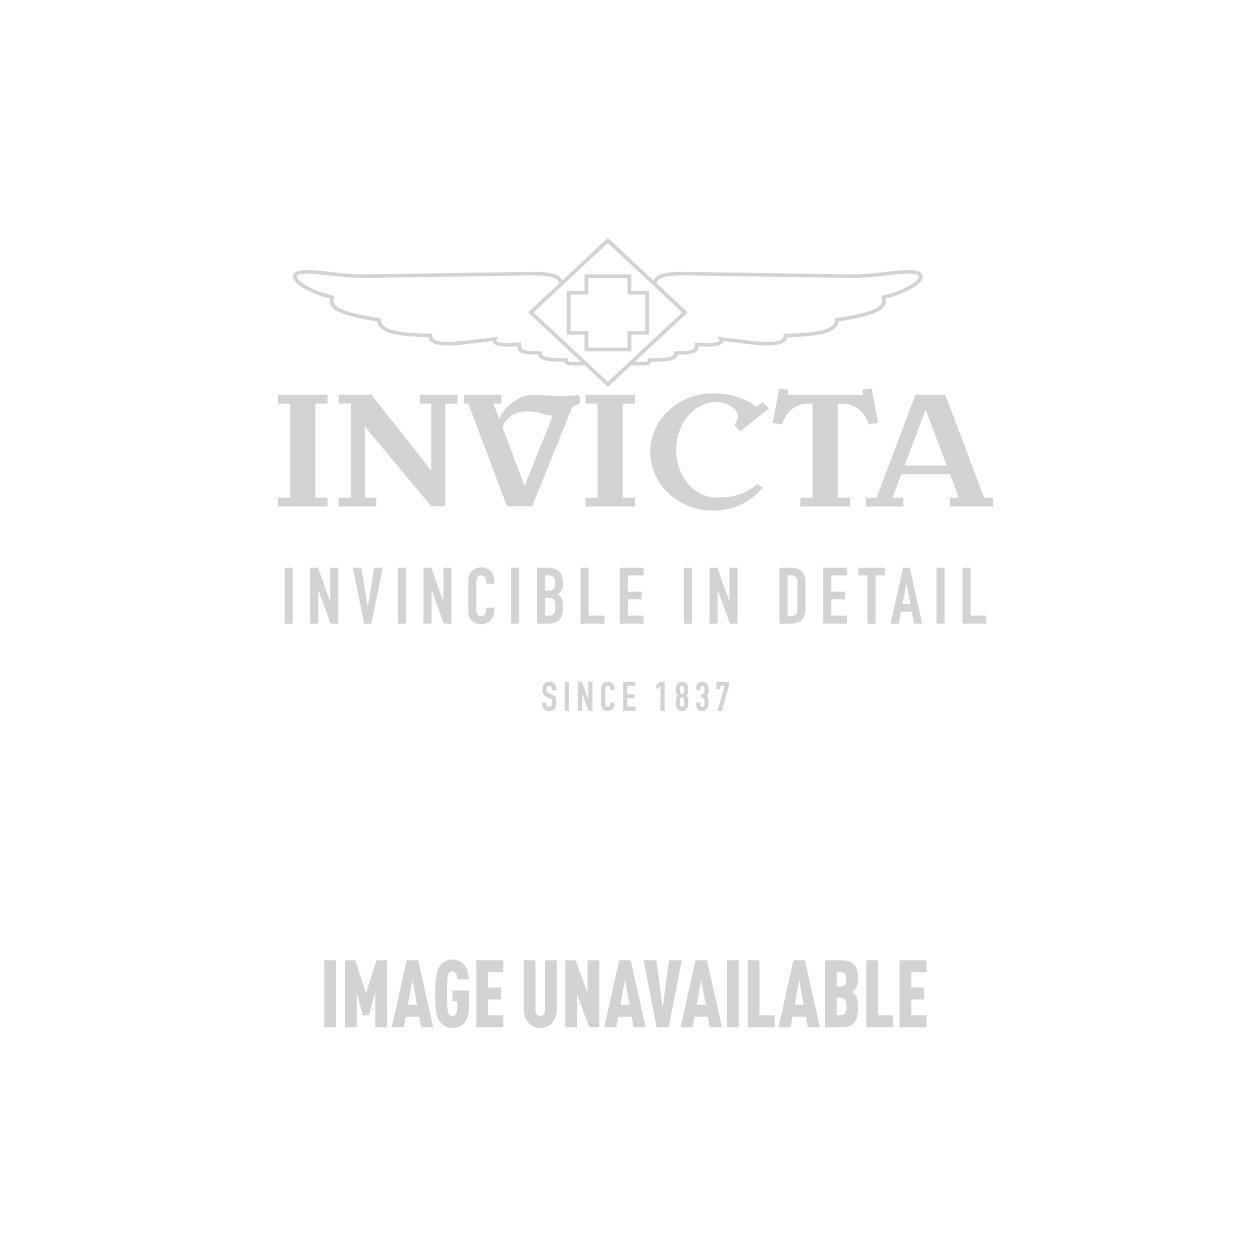 Invicta Bracelet J0316